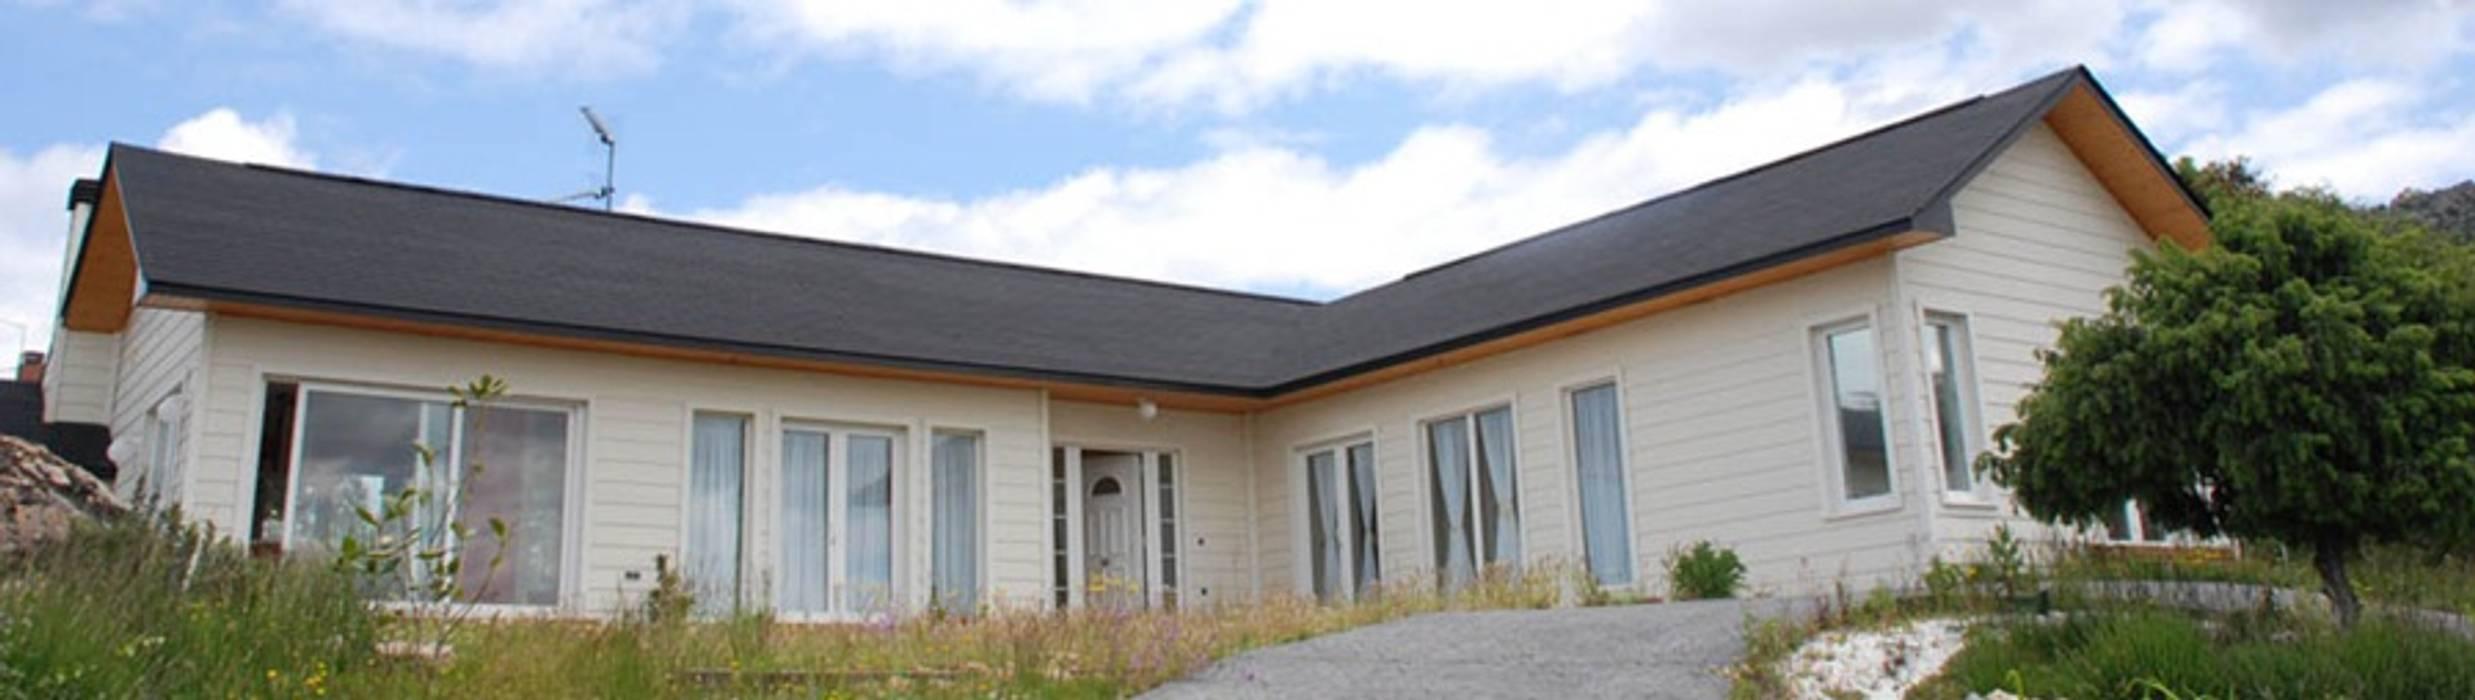 casas prefabricadas de diseño de casasfrau Clásico Madera Acabado en madera